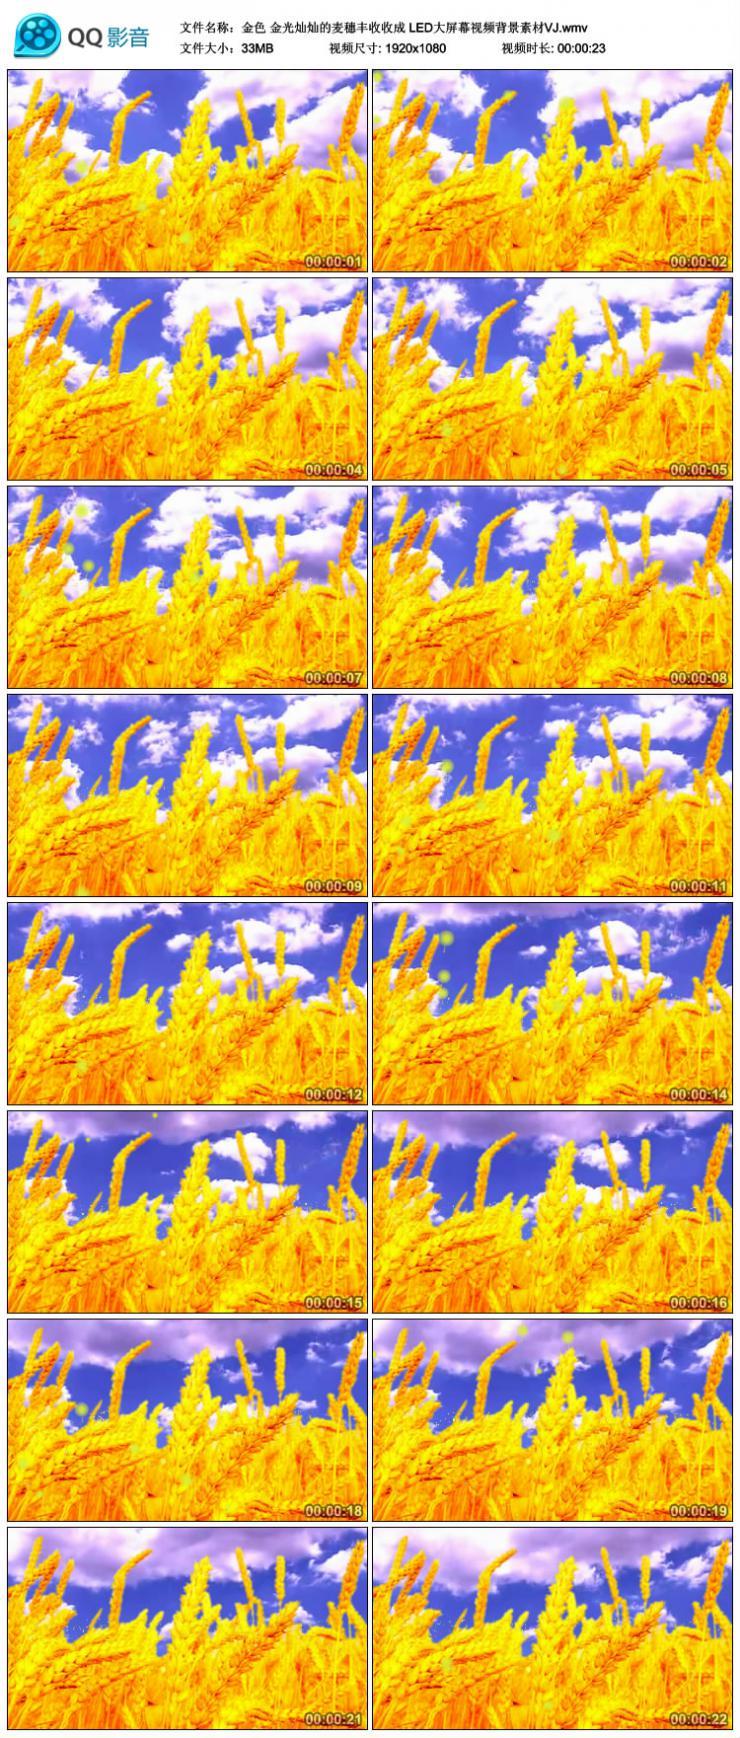 金色 金光灿灿的麦穗丰收收成 LED大屏幕视频背景素材VJ